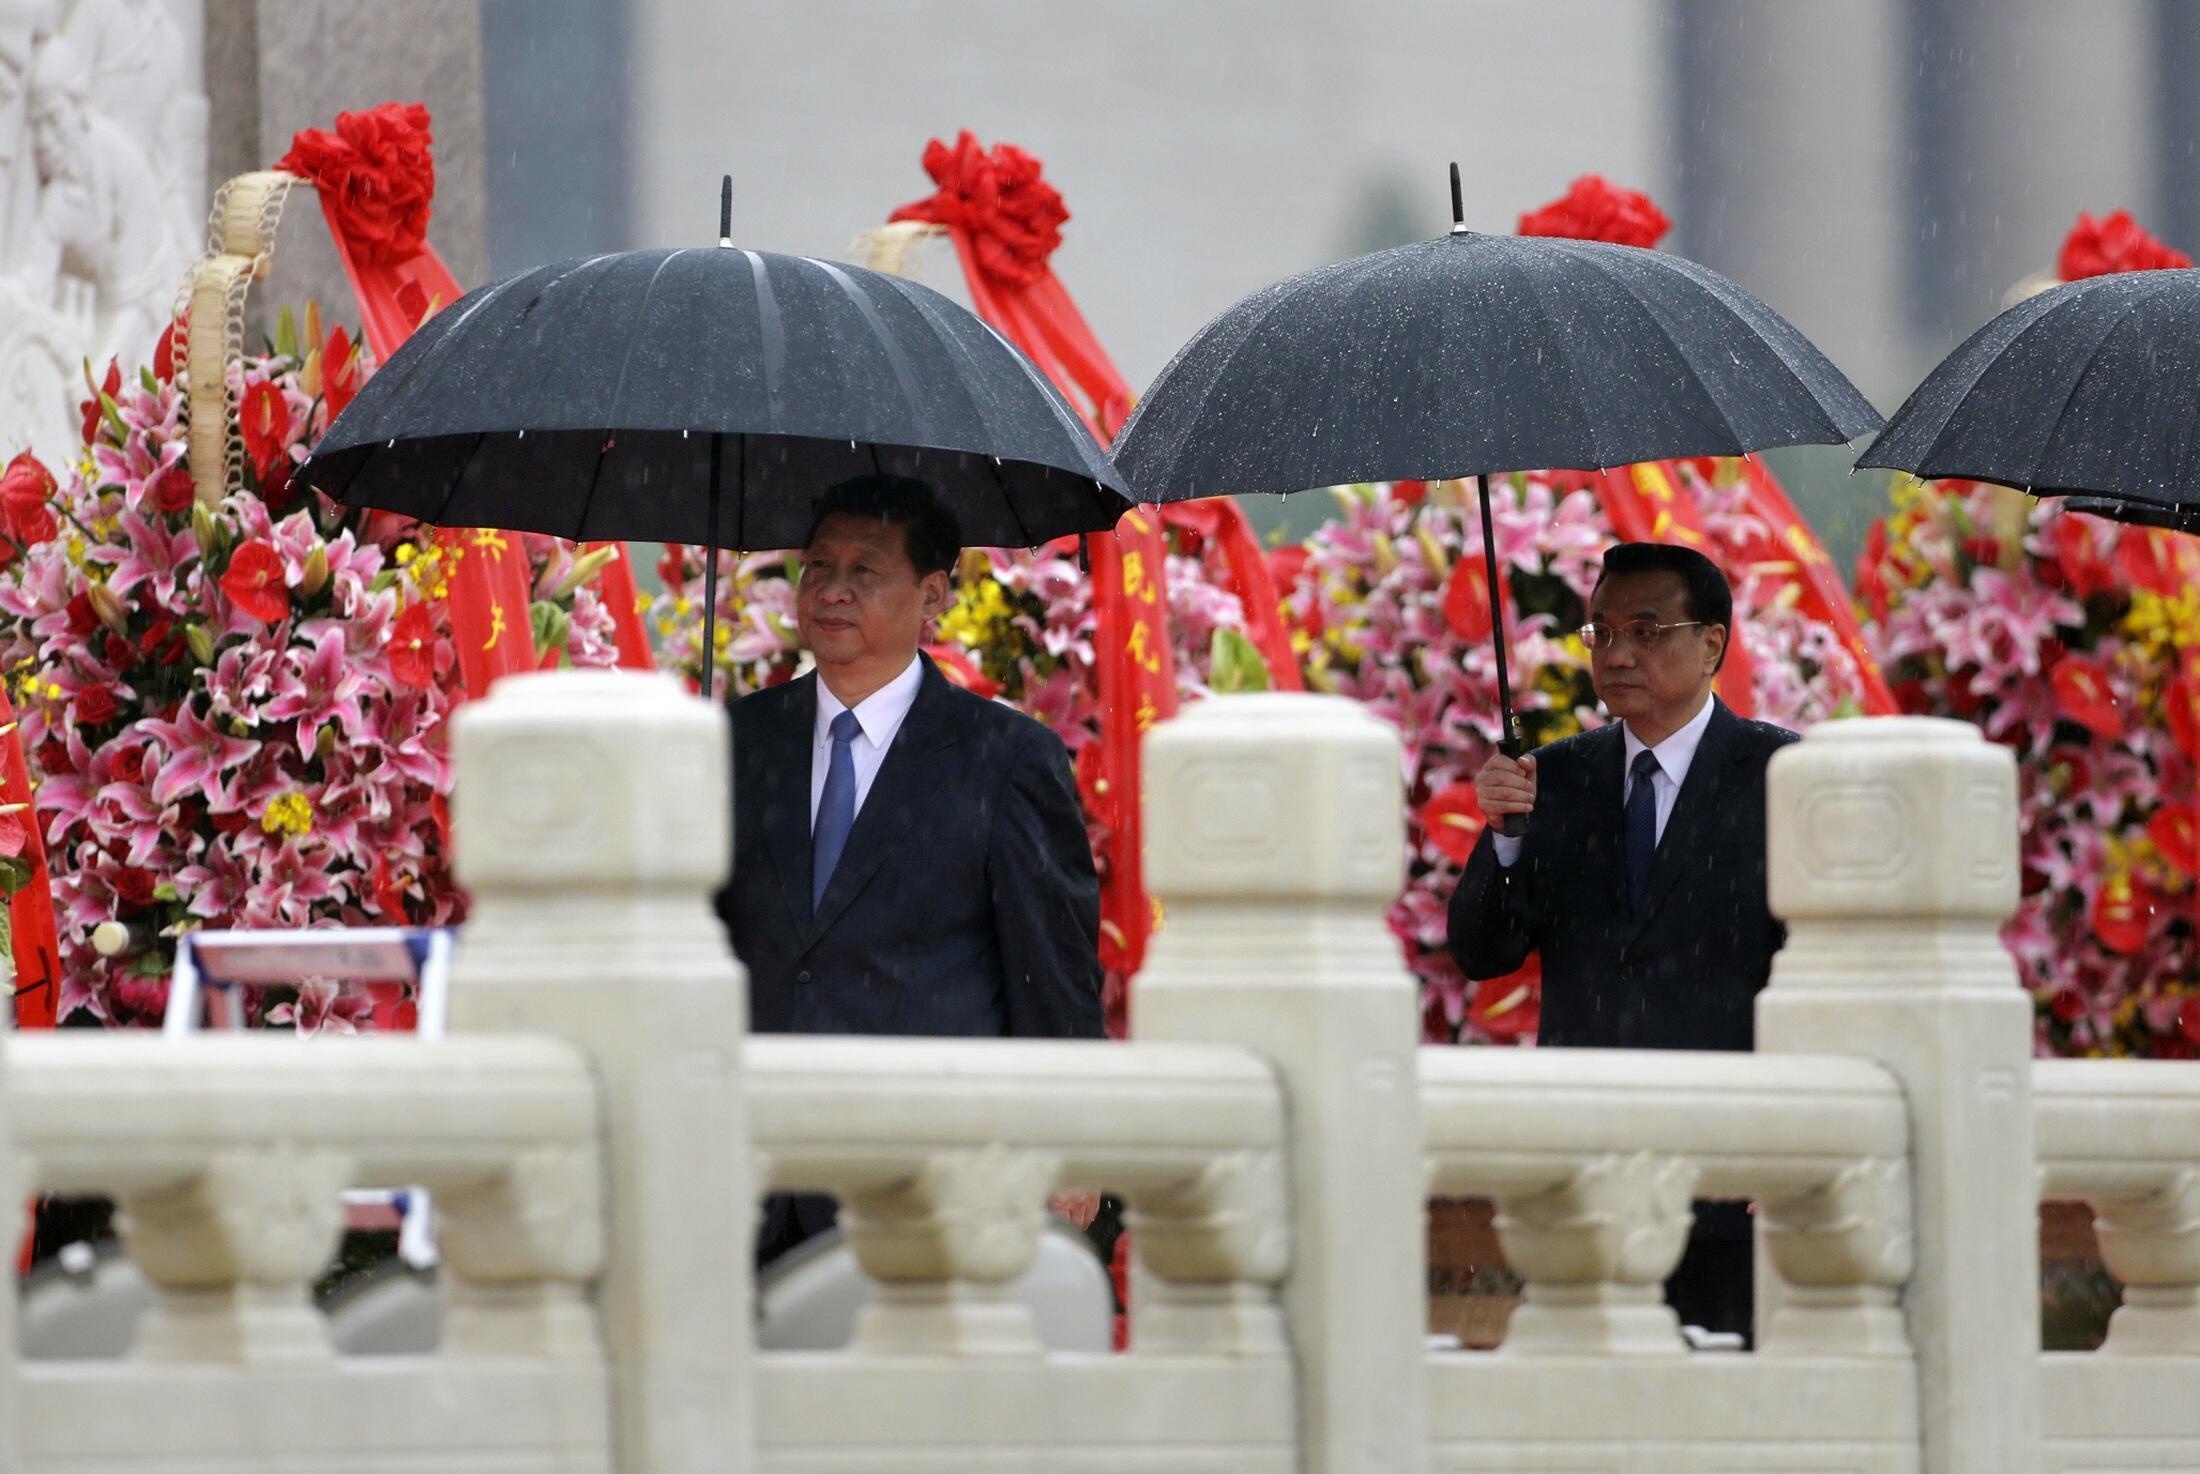 Chủ tịch nước Tập Cận Bình (T) và Thủ tướng Lý Khắc Cường dự lễ mửng Quốc khánh Trung Quốc lần thứ 64 tại Bắc Kinh